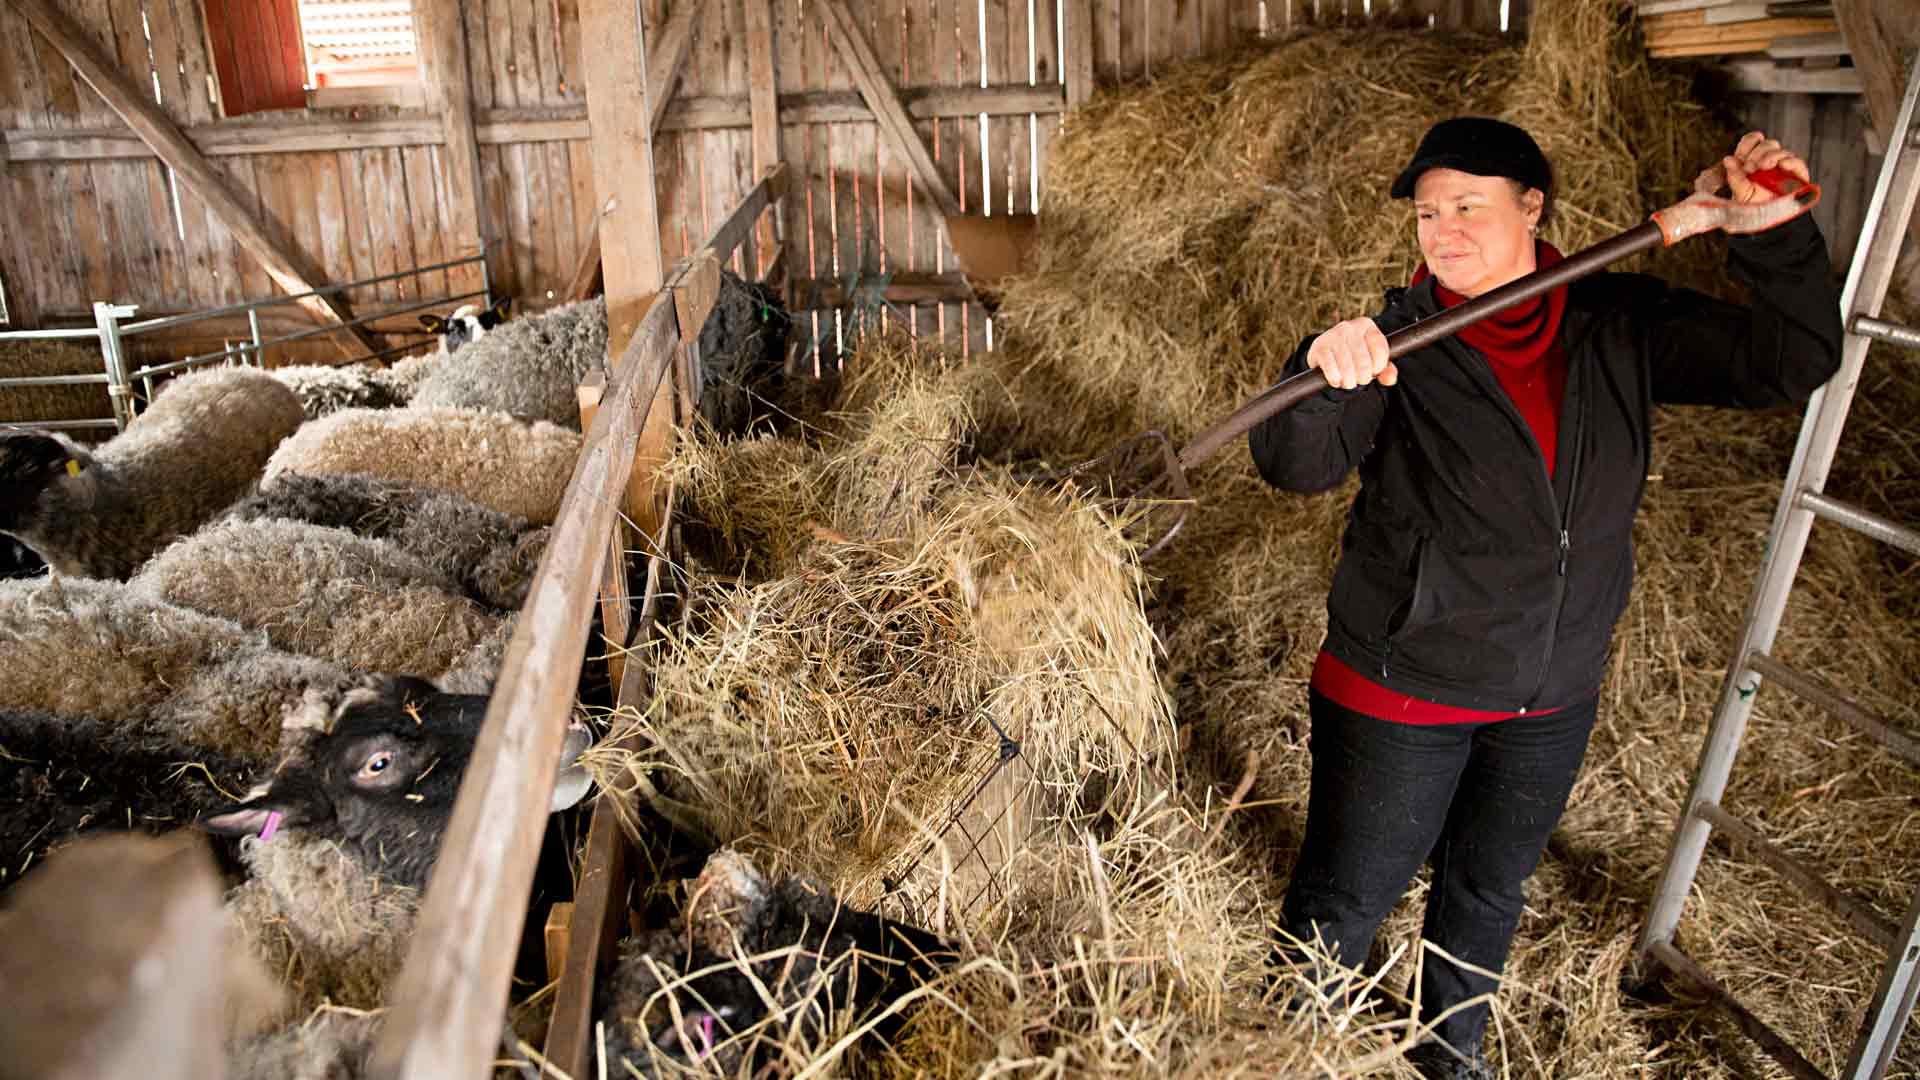 """Kirsi Kujansuu on pyörittänyt lammastilaa viisi vuotta. """"Vaikka tämä on ollut aikamoista rumbaa, nautin työn monipuolisuudesta. Teen kaikkea talouslaskelmista traktorin korjaukseen."""""""